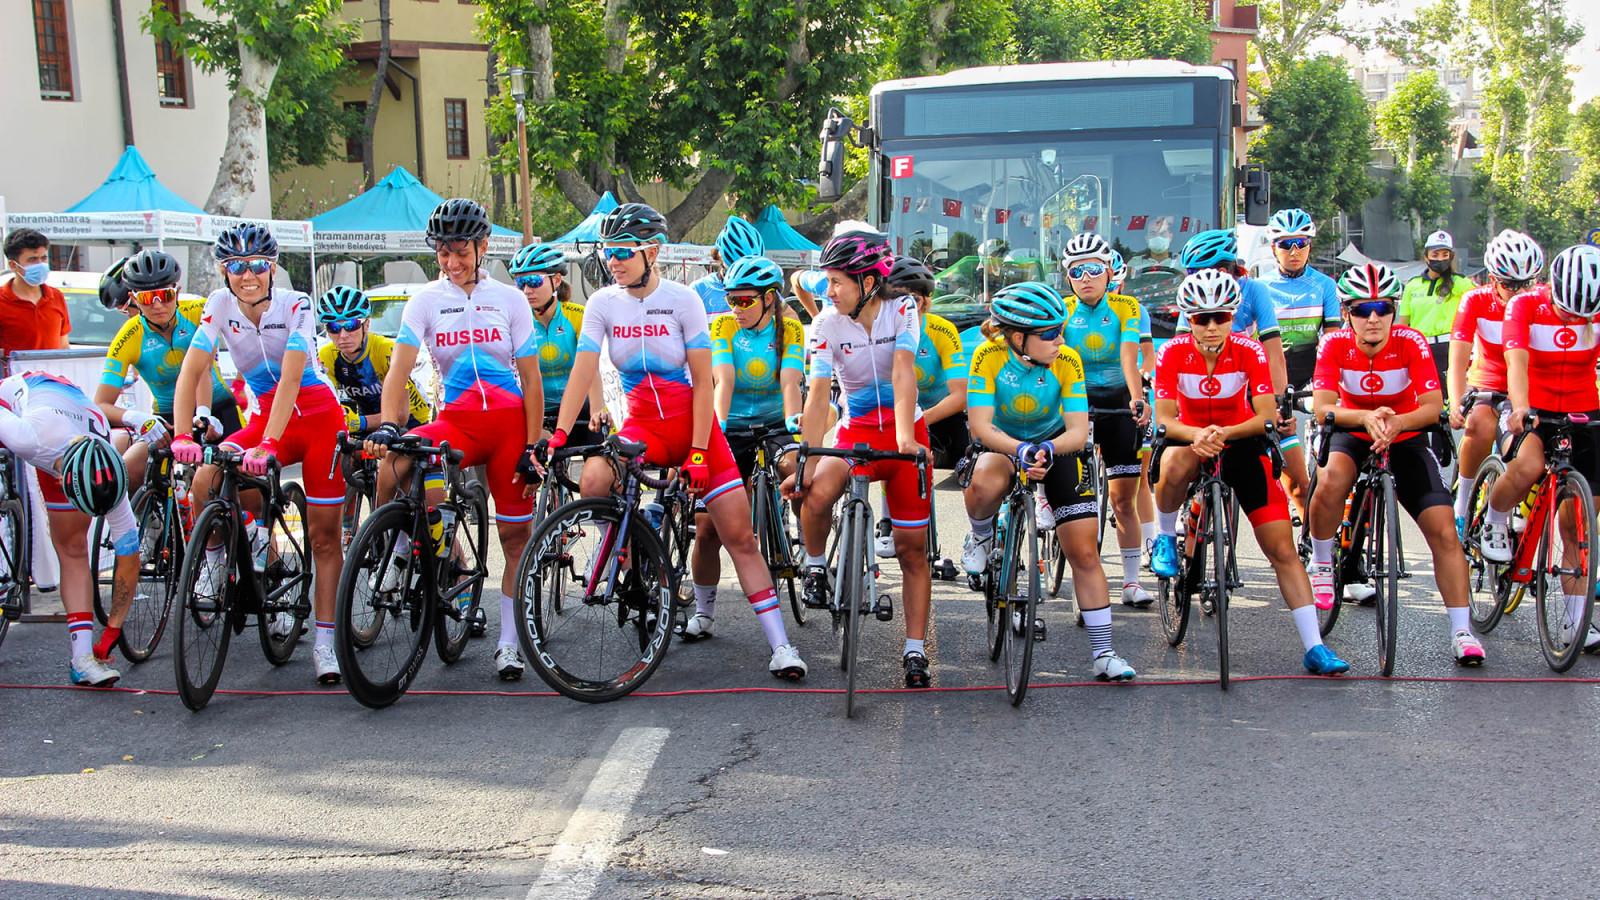 uluslararasi bisiklet yarismasi 1 Uluslararası Bisiklet Yarışı'nda Kadın Sporcular Start Aldı